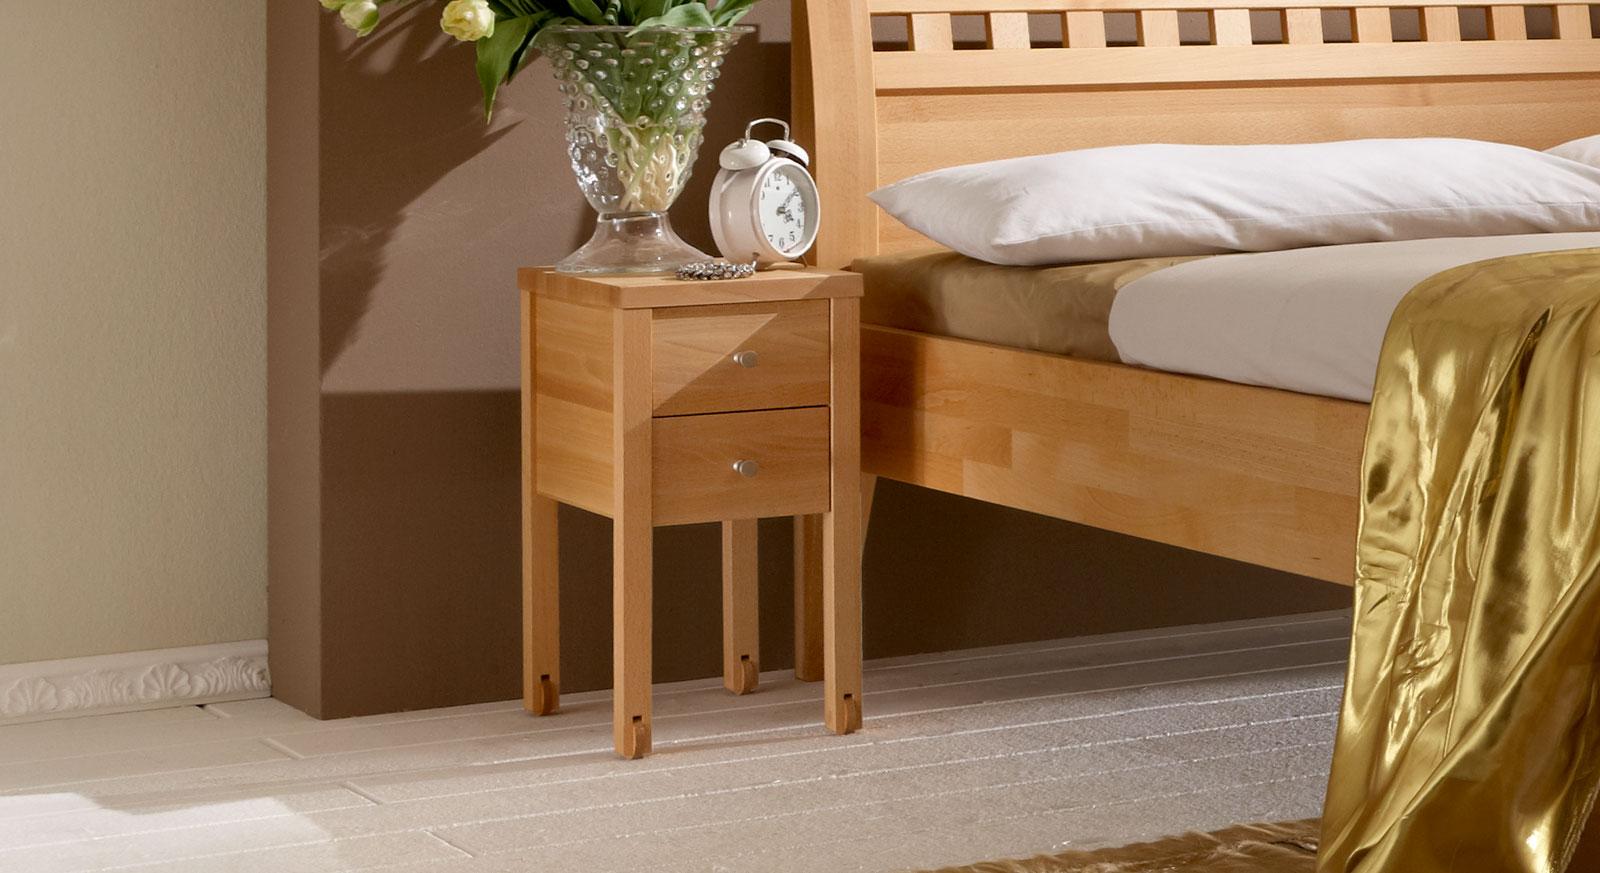 Massivholz-Nachttisch mit Rollen